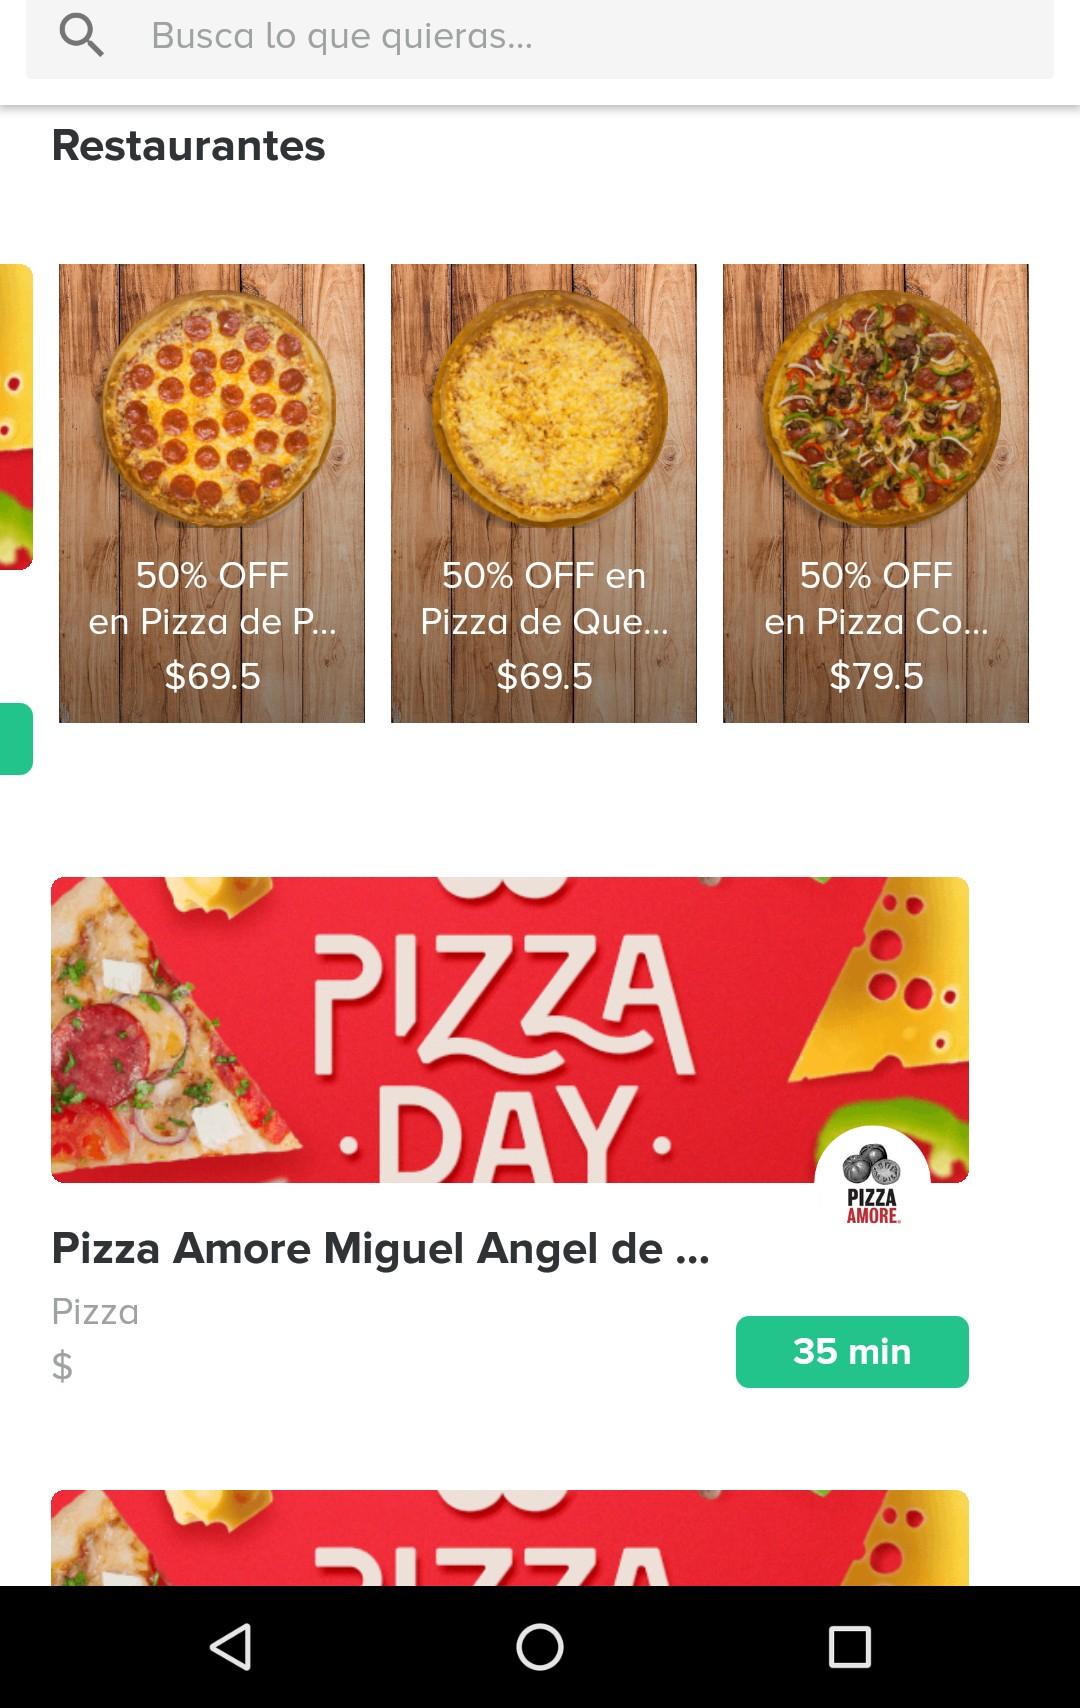 Rappi: Pizza day en rappi!, descuentos en sección Restaurantes/Pizzas